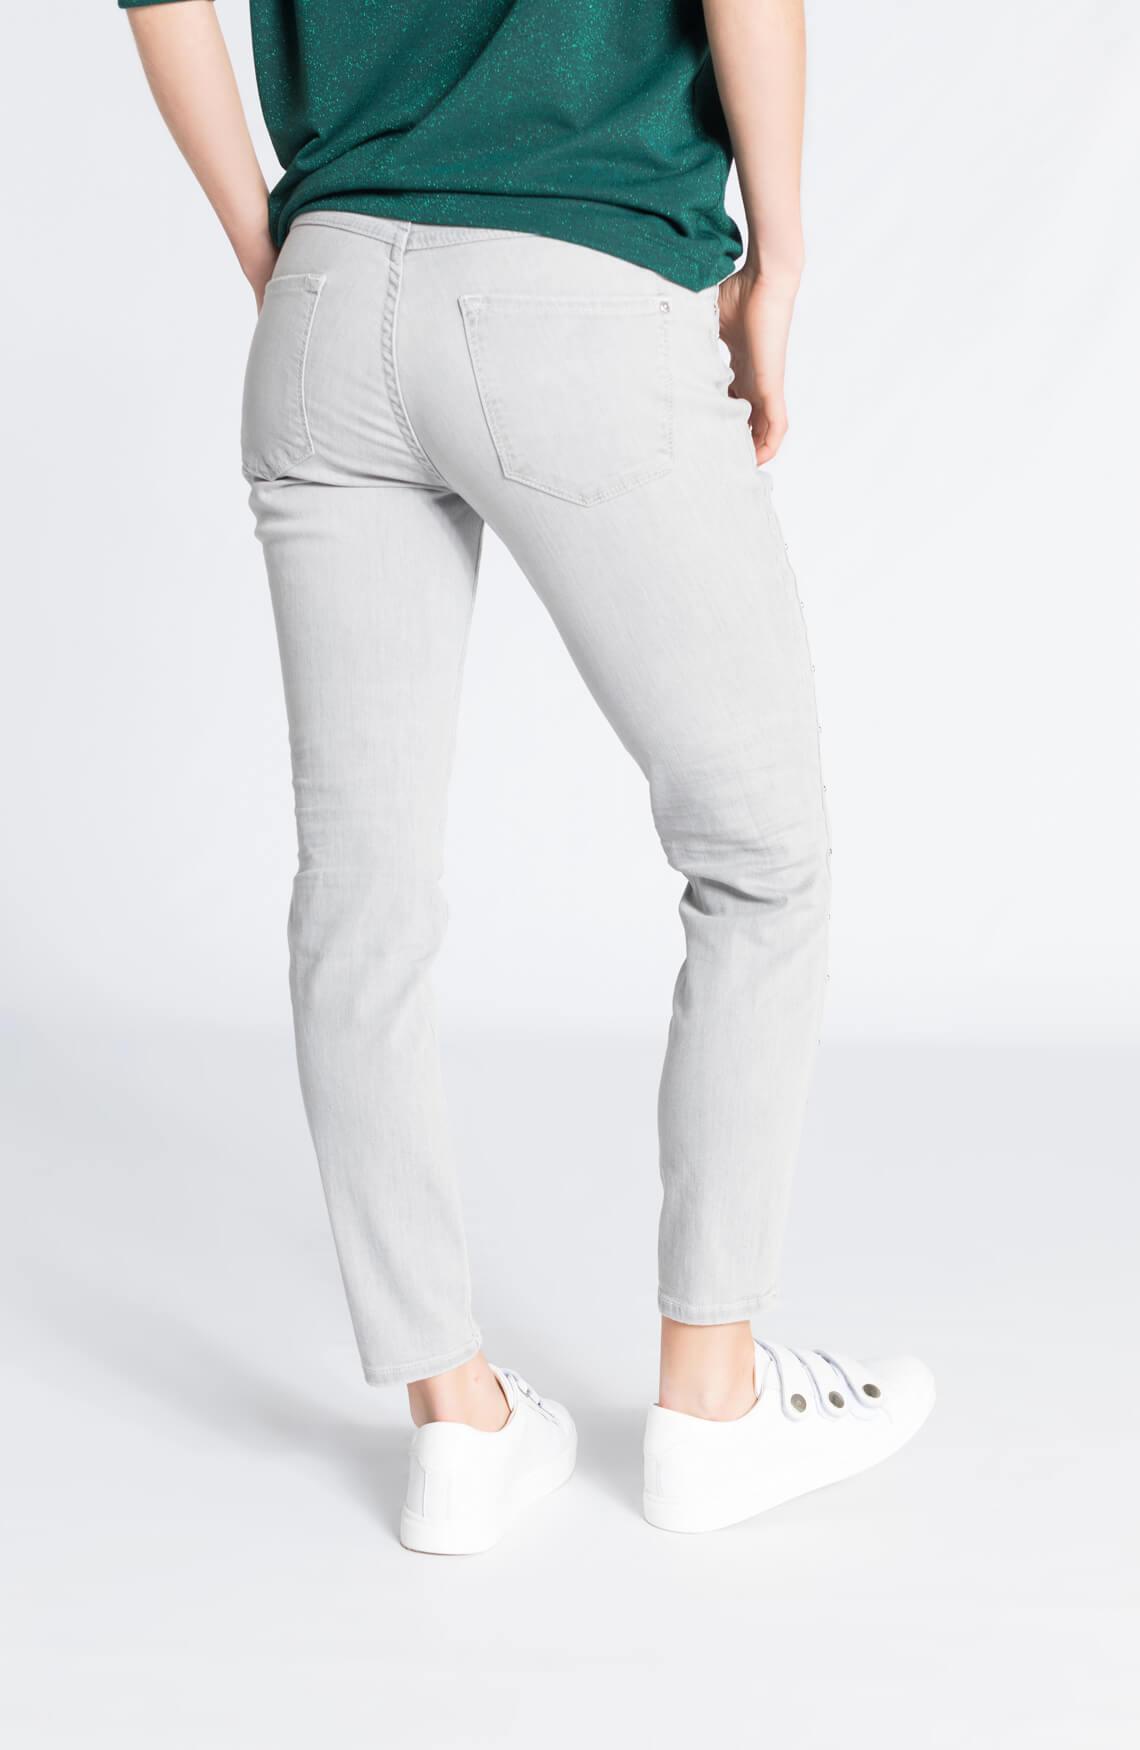 Rosner Dames Antonia jeans met studs Grijs